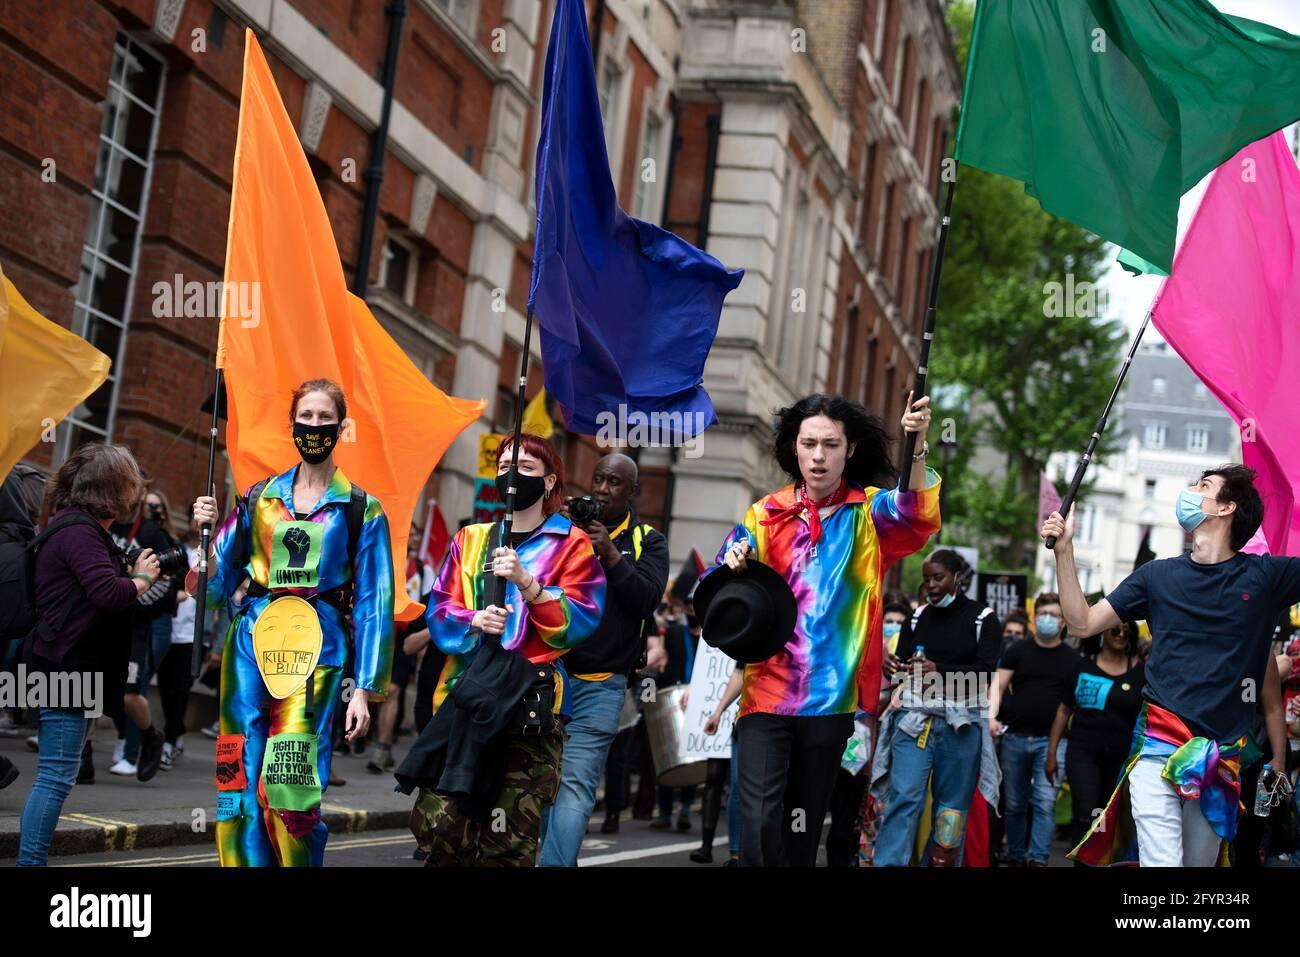 Londres, Royaume-Uni - 29 mai 2021: Tuez le projet de loi IV crédit de protestation: Loredana Sangiuliano / Alamy Live News Banque D'Images